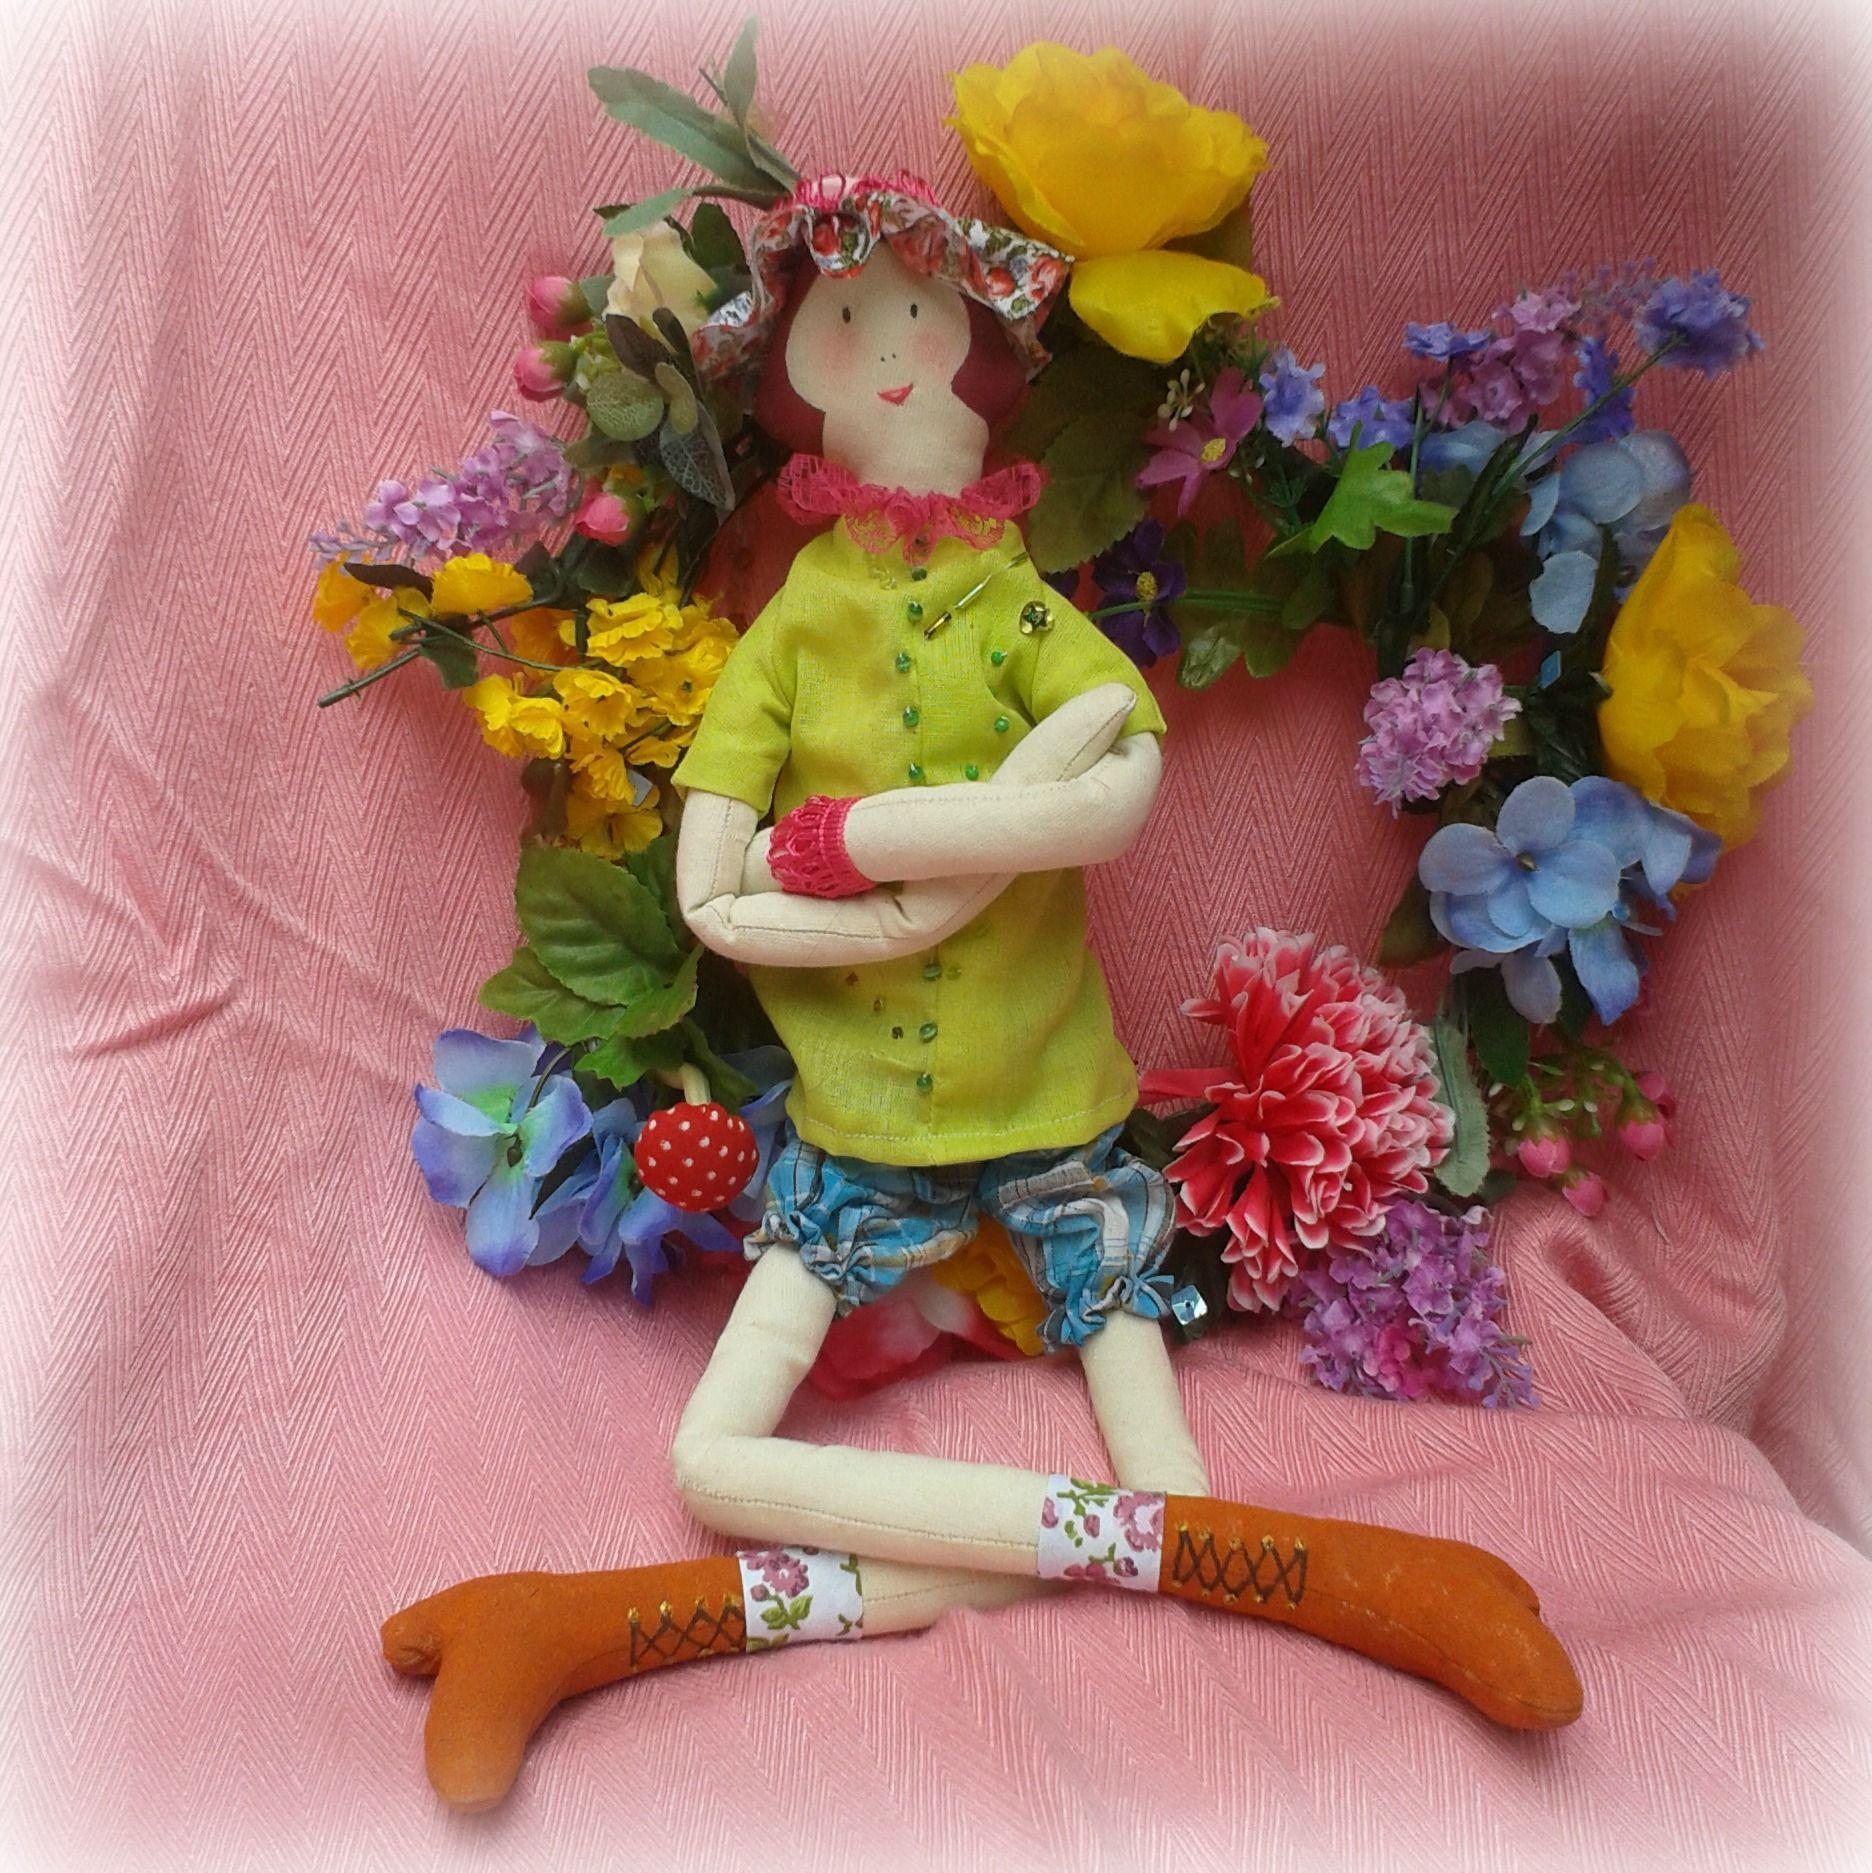 Mais uma bonequinha feita por mim. Espero que gostem. https://www.facebook.com/pages/Fadas-de-Luz/186631448118452?ref=aymt_homepage_panel